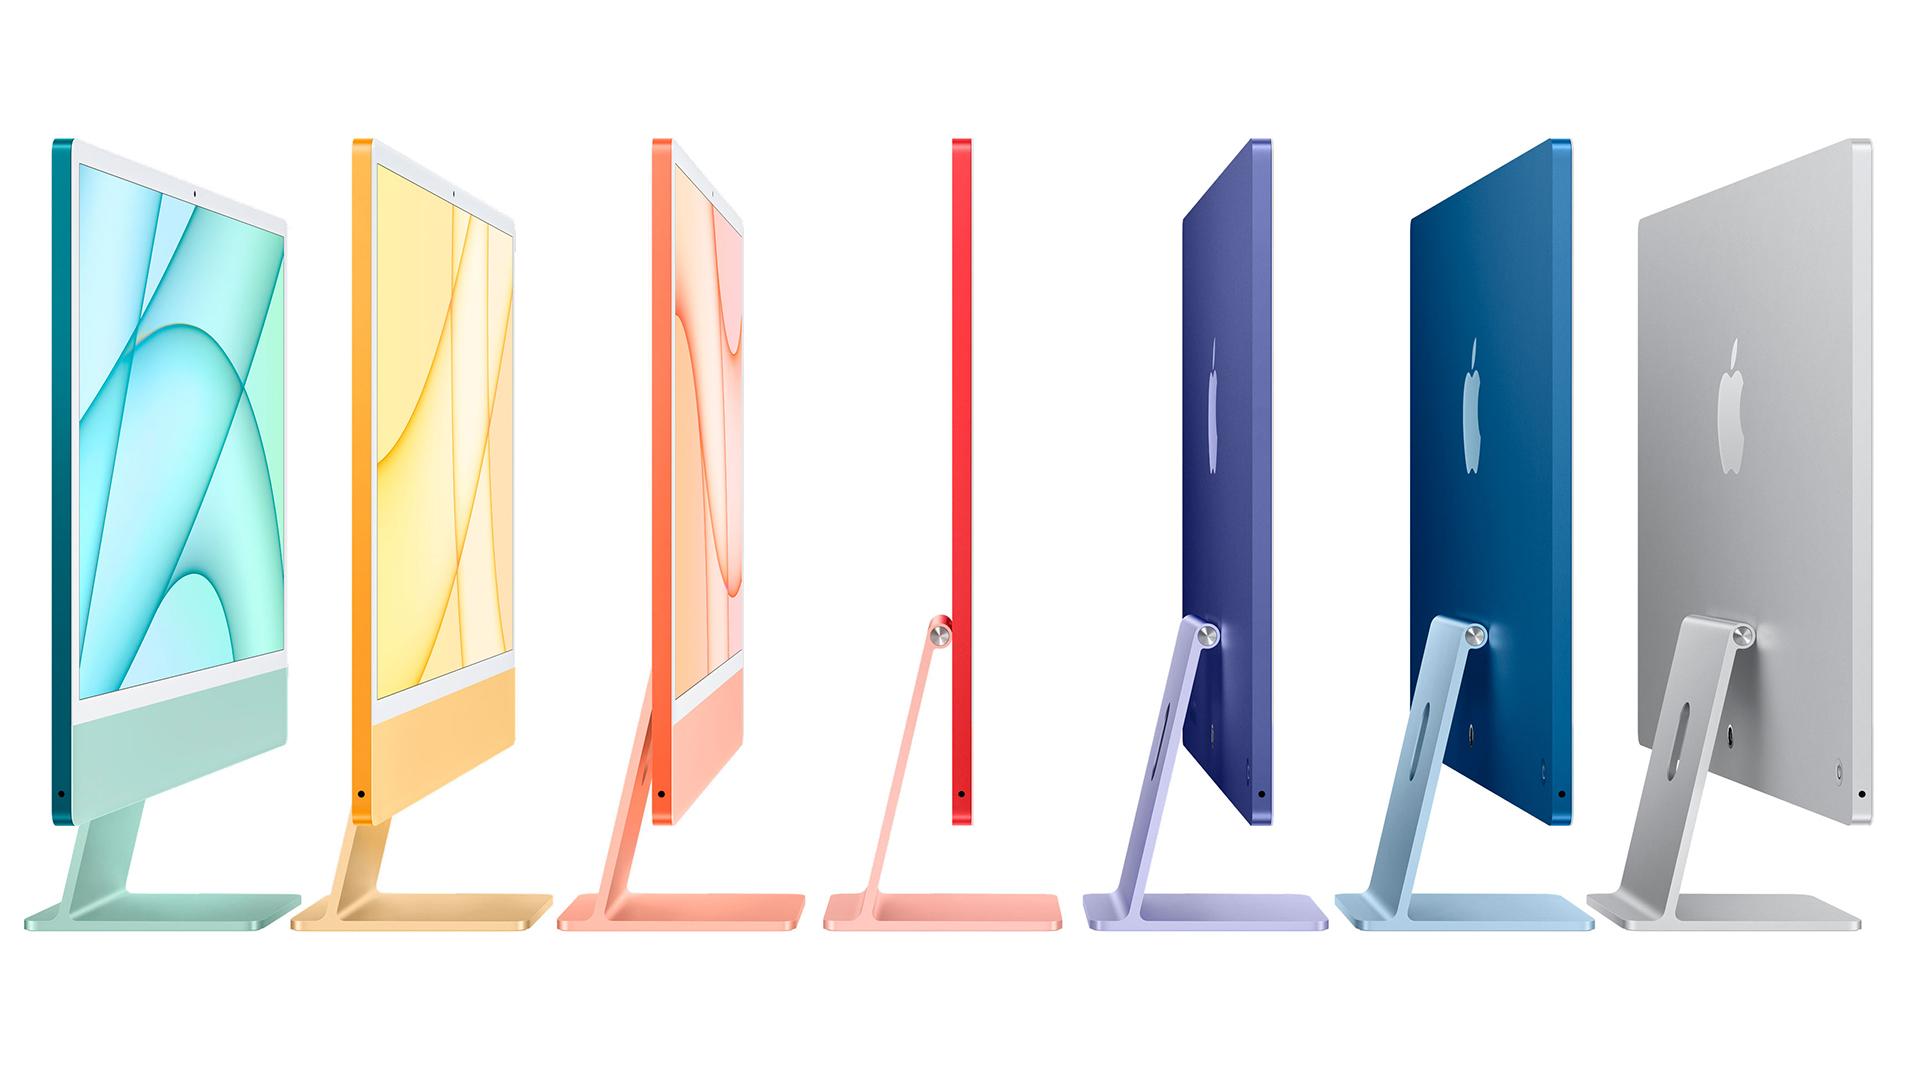 Νέα χρωματιστά iMac